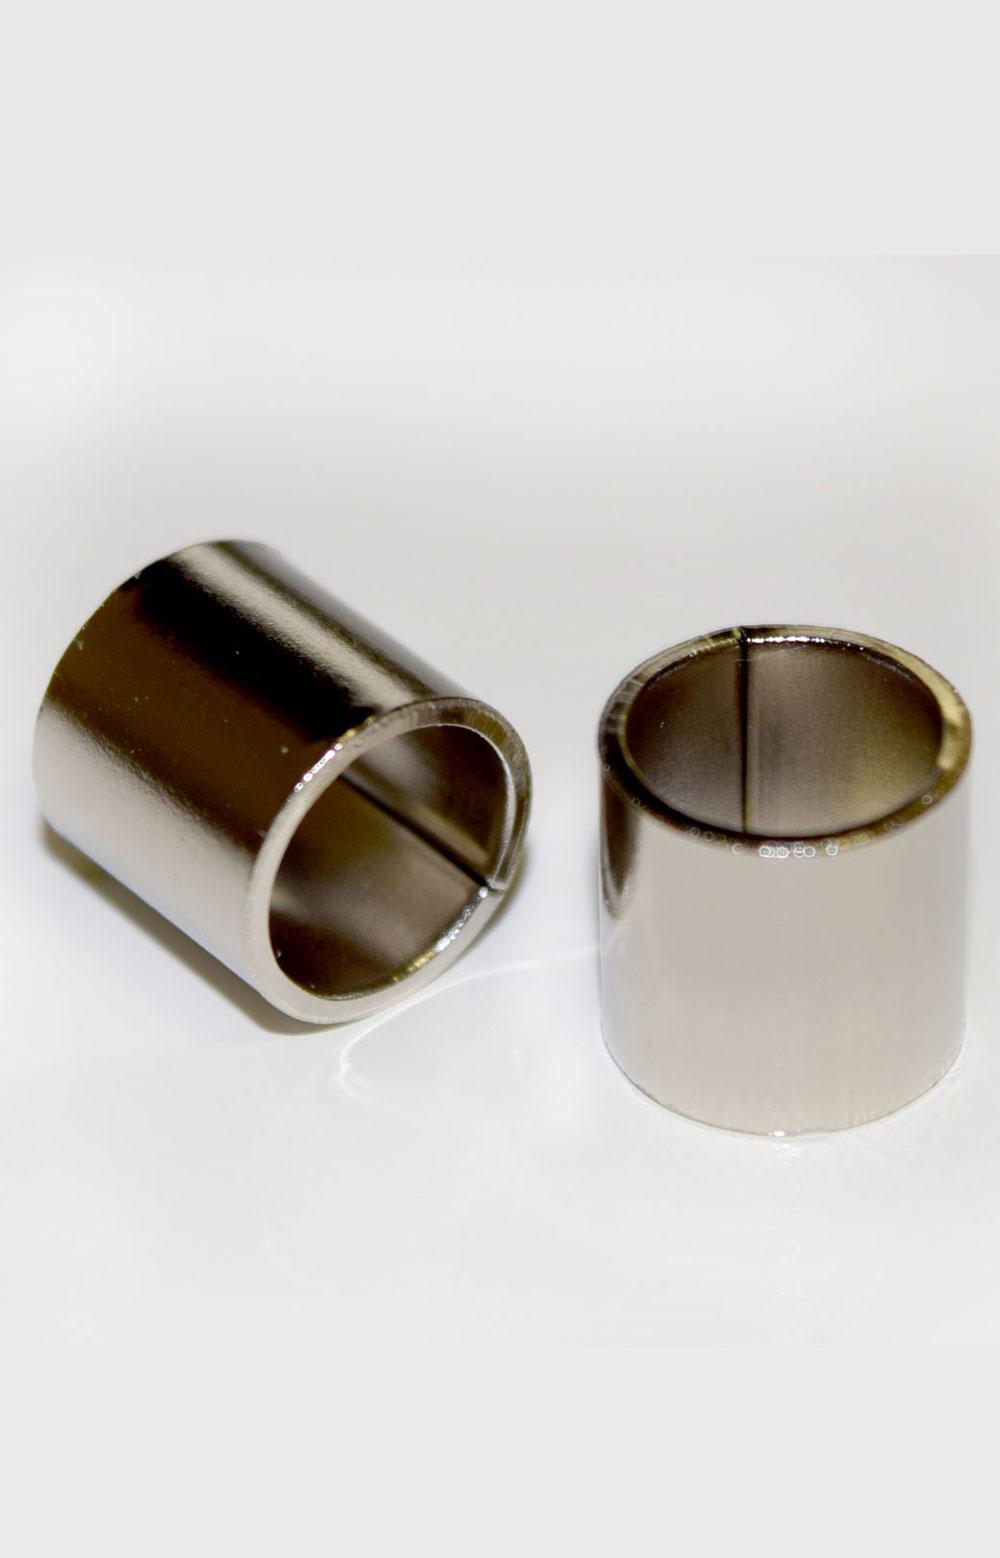 cylinder spacer